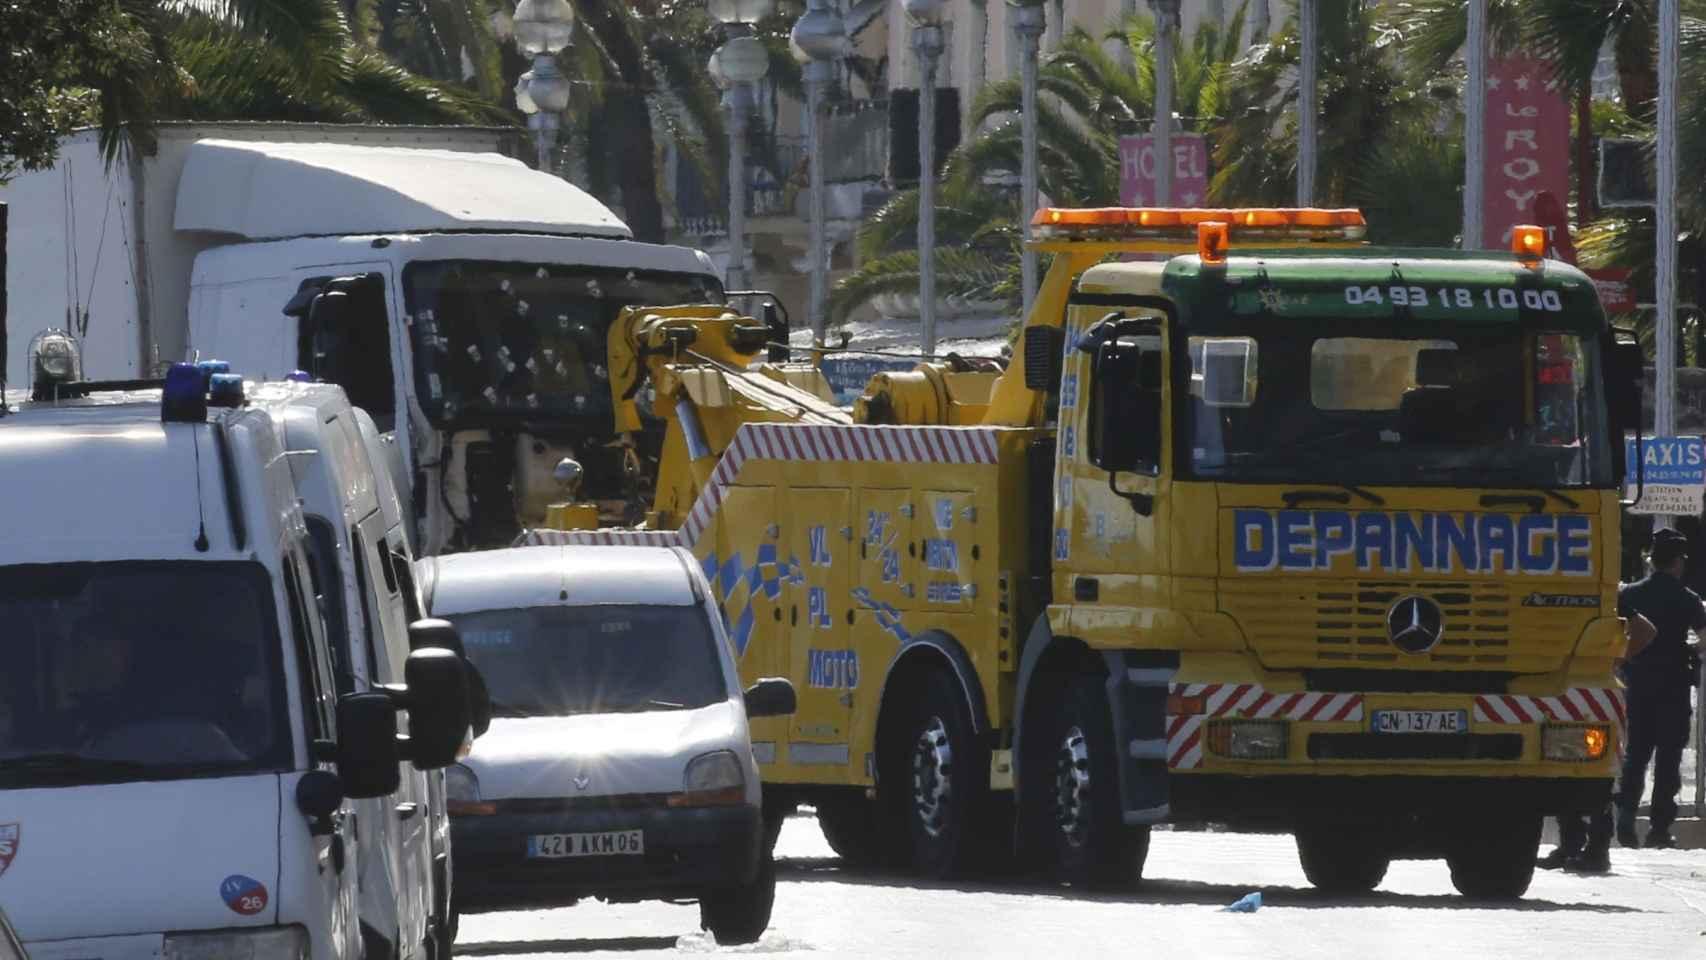 La grua arrastra al camión con el que se cometió el ataque de Niza